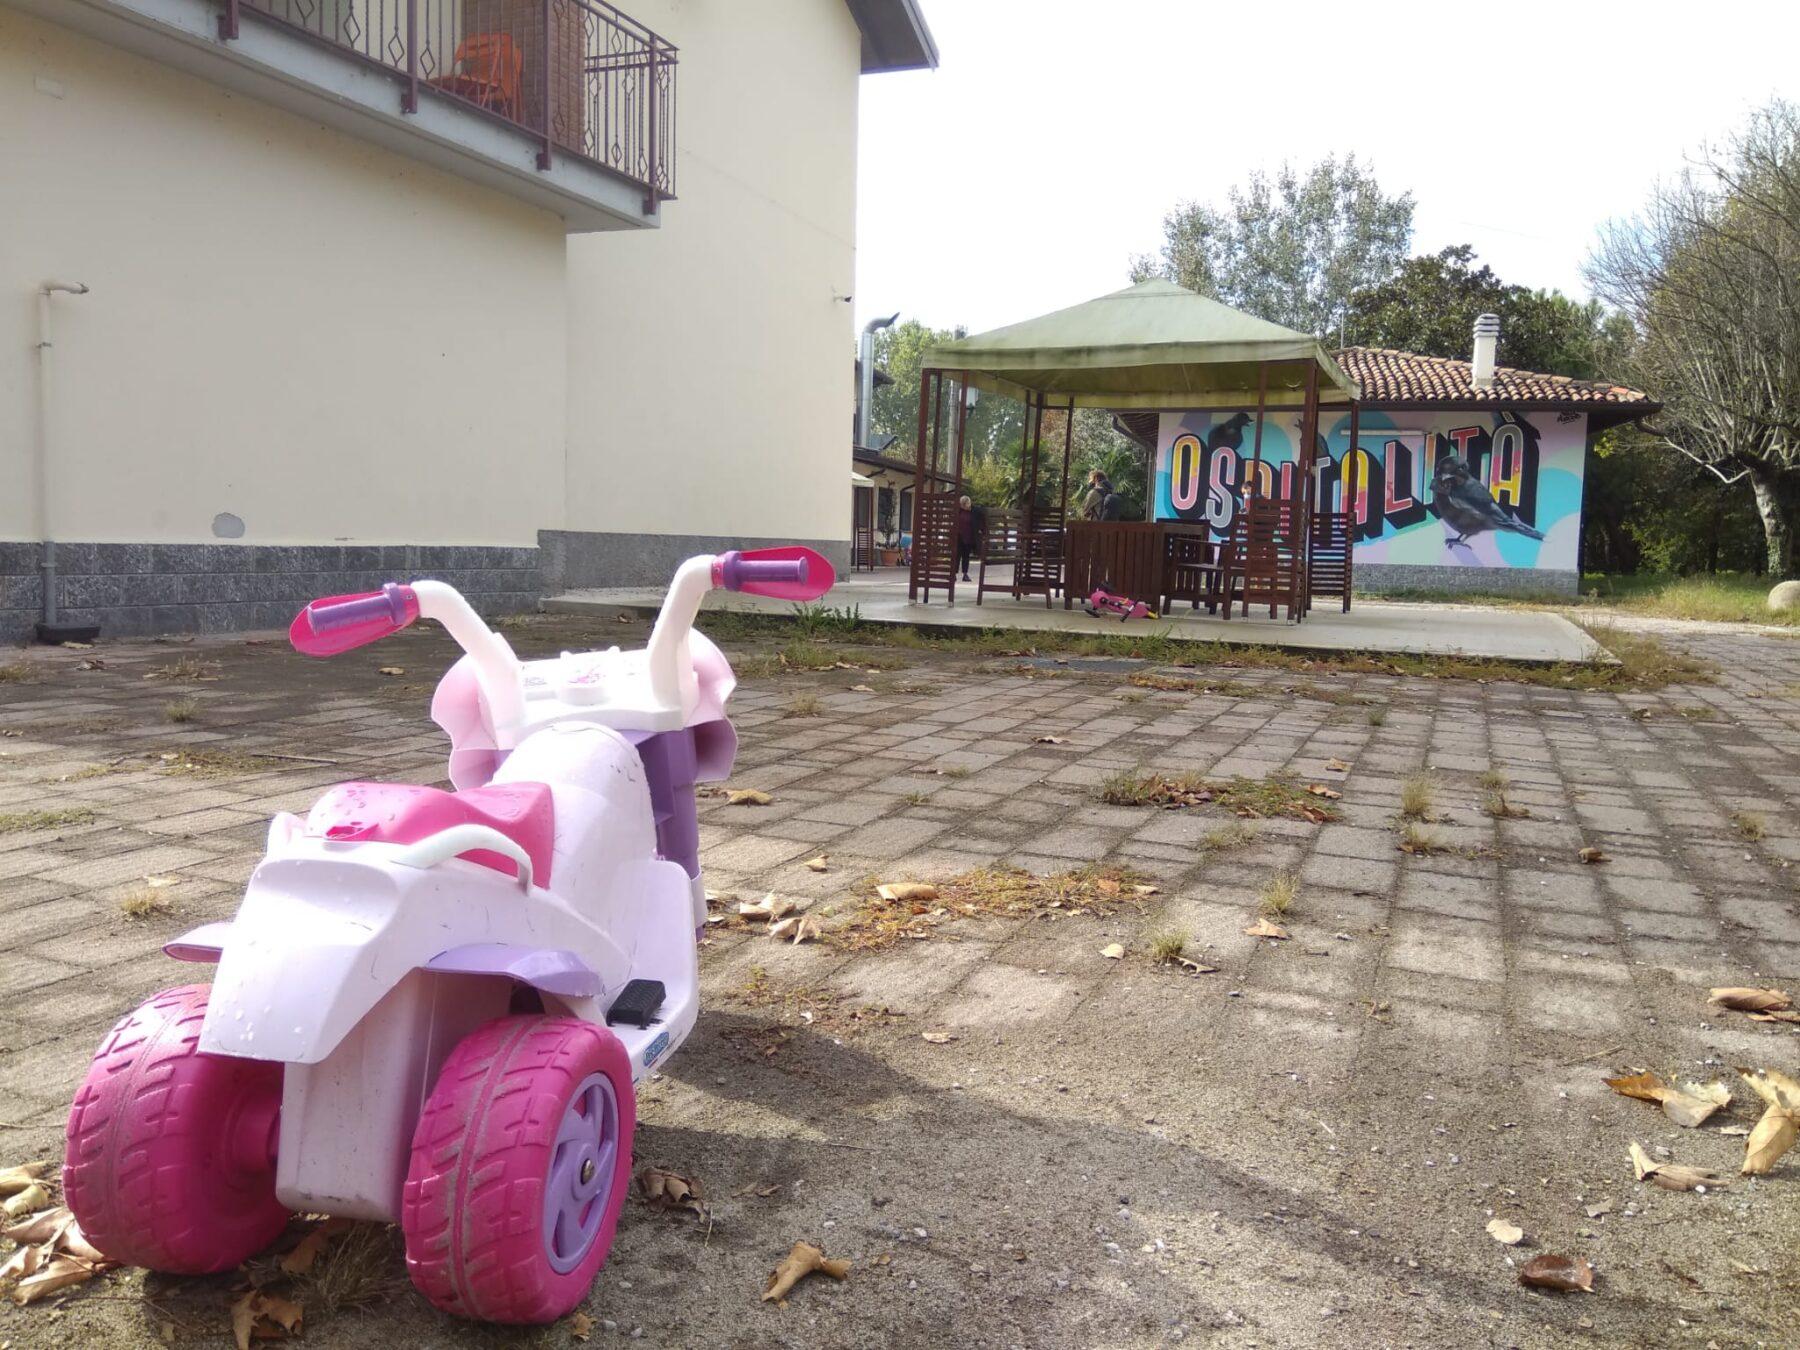 Casa Chiaravalle Milano - A Casa Chiaravalle nasce una nuova comunità per minori 20/10/2020